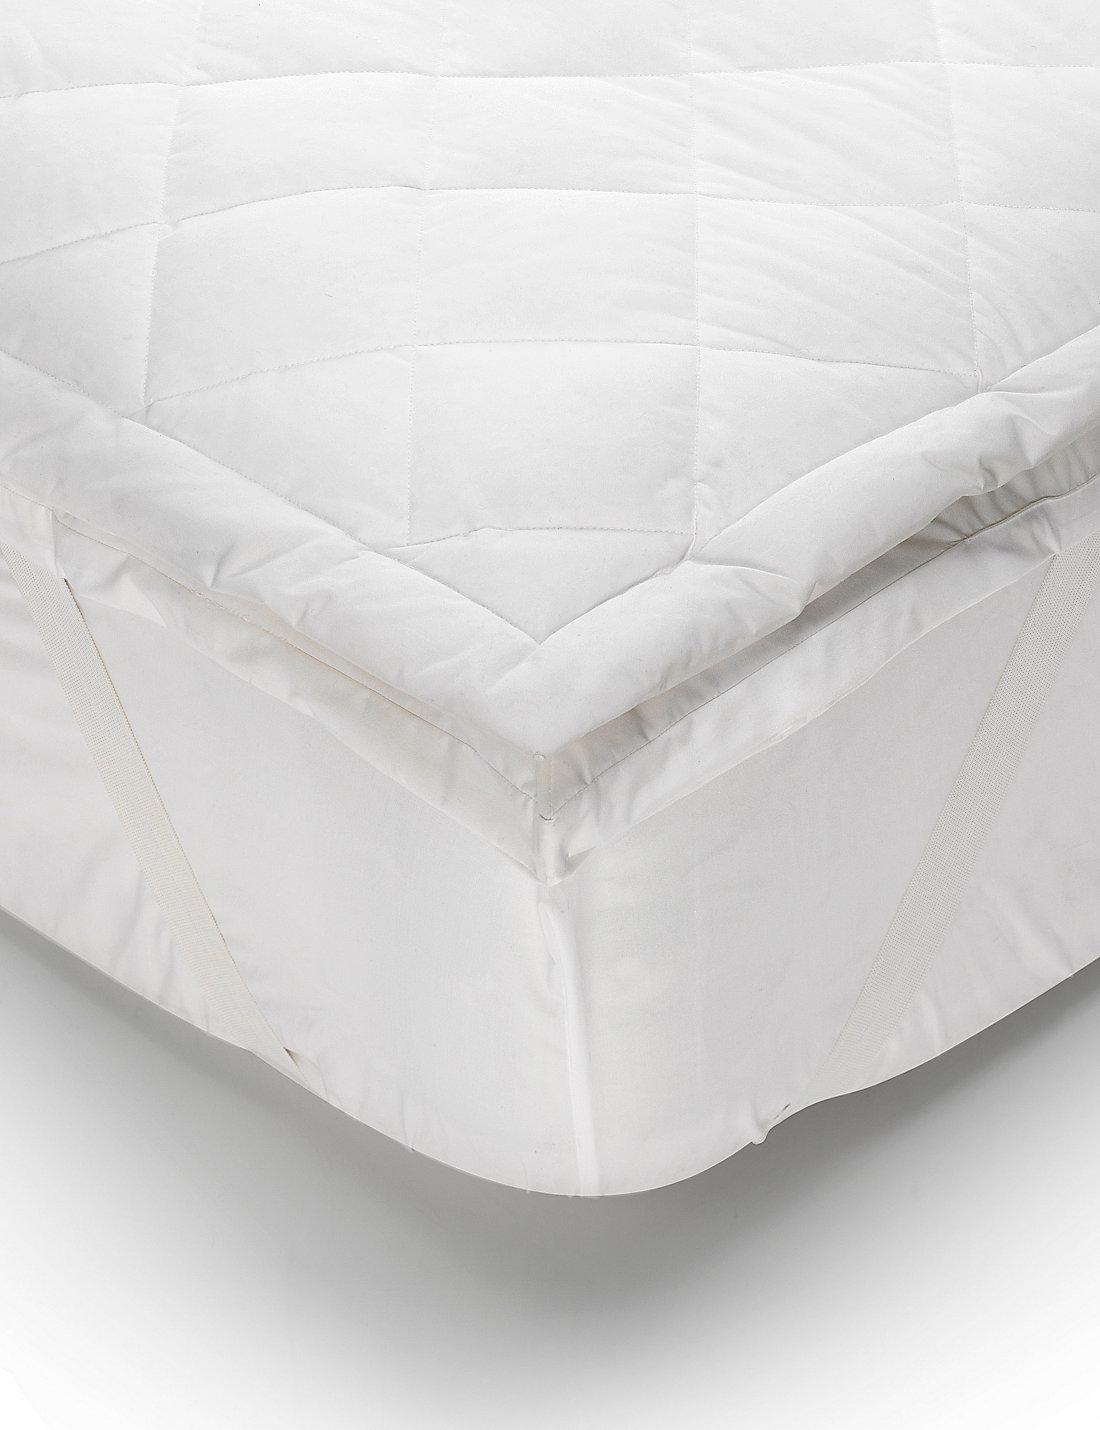 duck feather u0026 down mattress topper